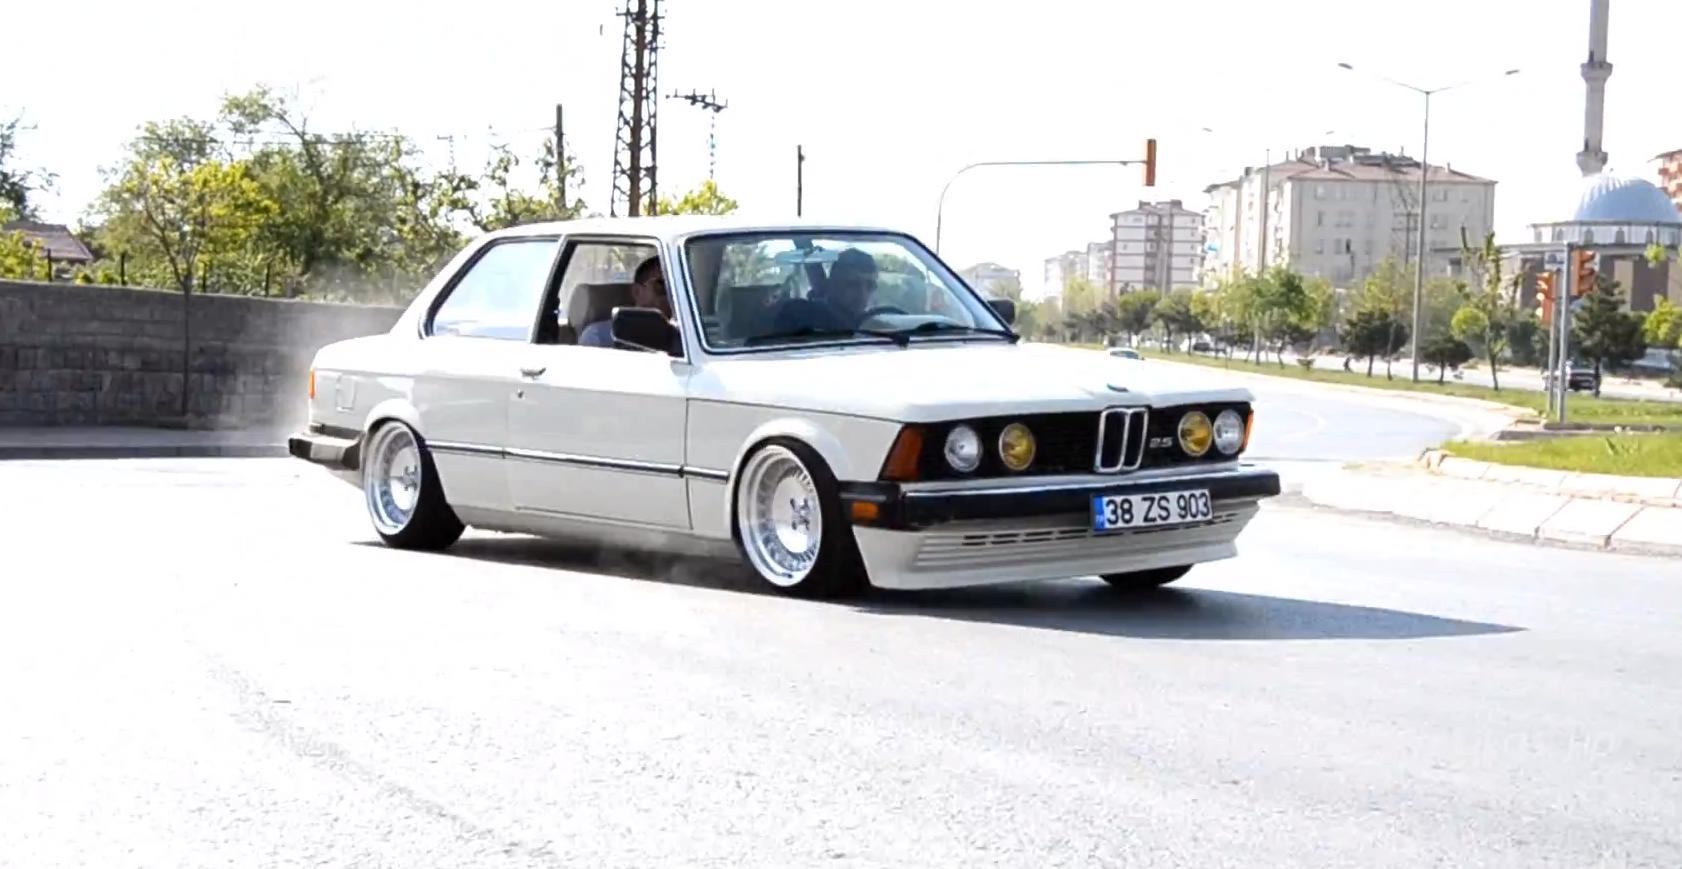 White 5 Series Bmw >> MMPower Presents: Pepper White BMW E21 - autoevolution